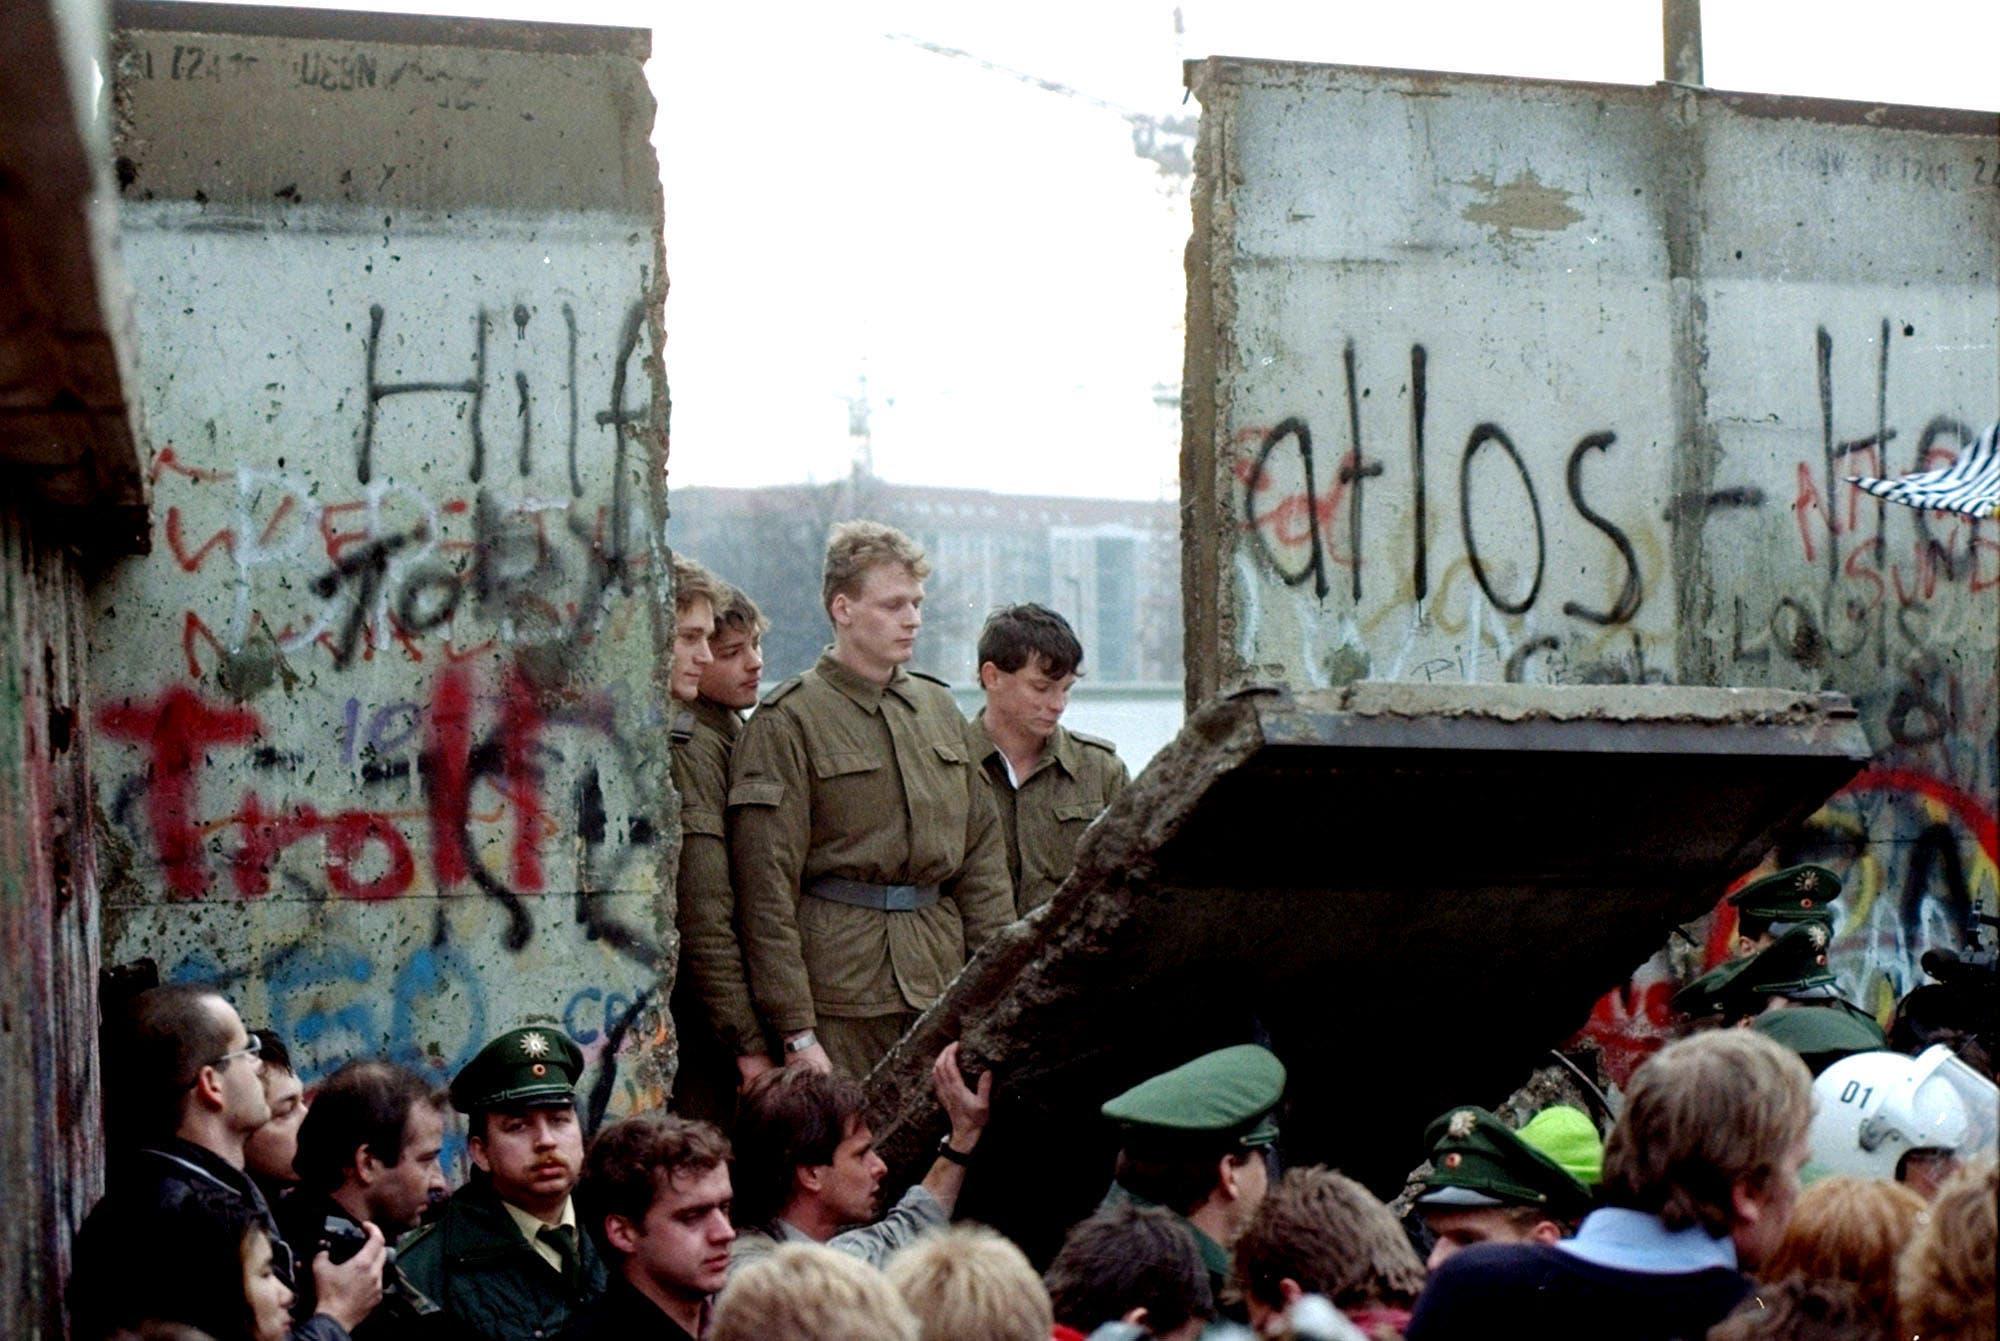 Nach 28 Jahren der Trennung begannen die Berliner nach der Grenzöffnung am 9. November 1989, die Mauer zu demontieren. Ehemalige DDR-Grenzsoldaten schauen ihnen belustigt zu. (Bild: Lionel Cironneau / Keystone, 11. November 1989)